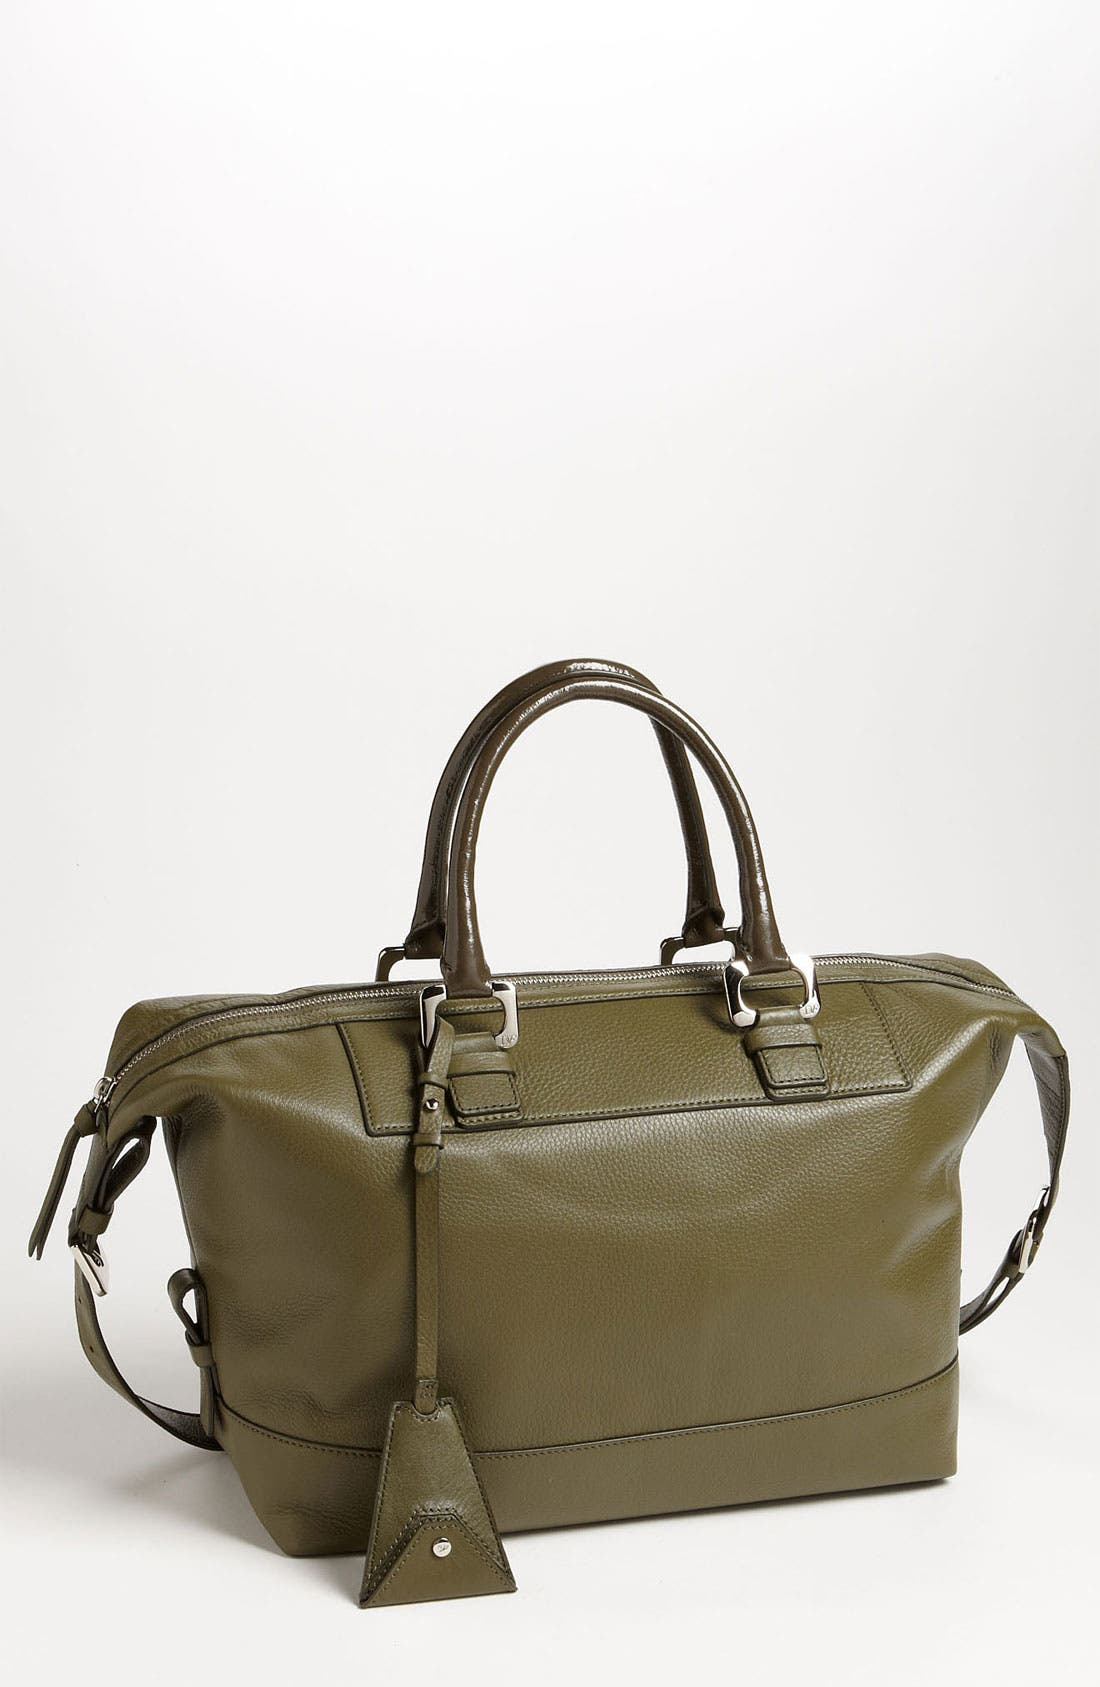 Main Image - Diane von Furstenberg 'Drew' Leather Satchel